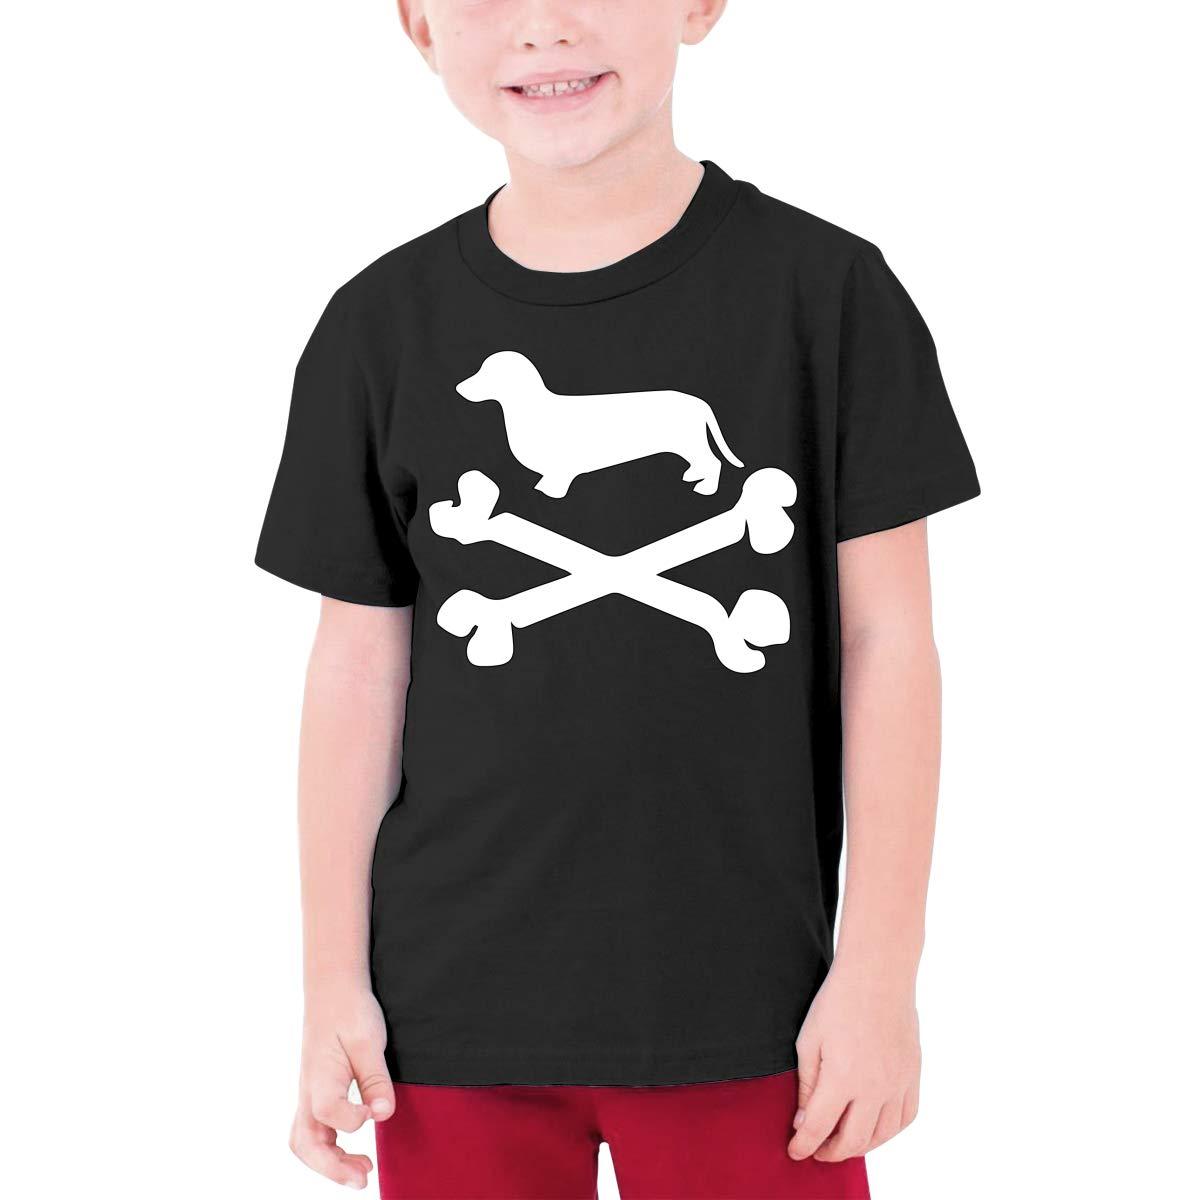 DH4/_8J Daschund Puppy Adolescent Boys Short-Sleeved Tshirt